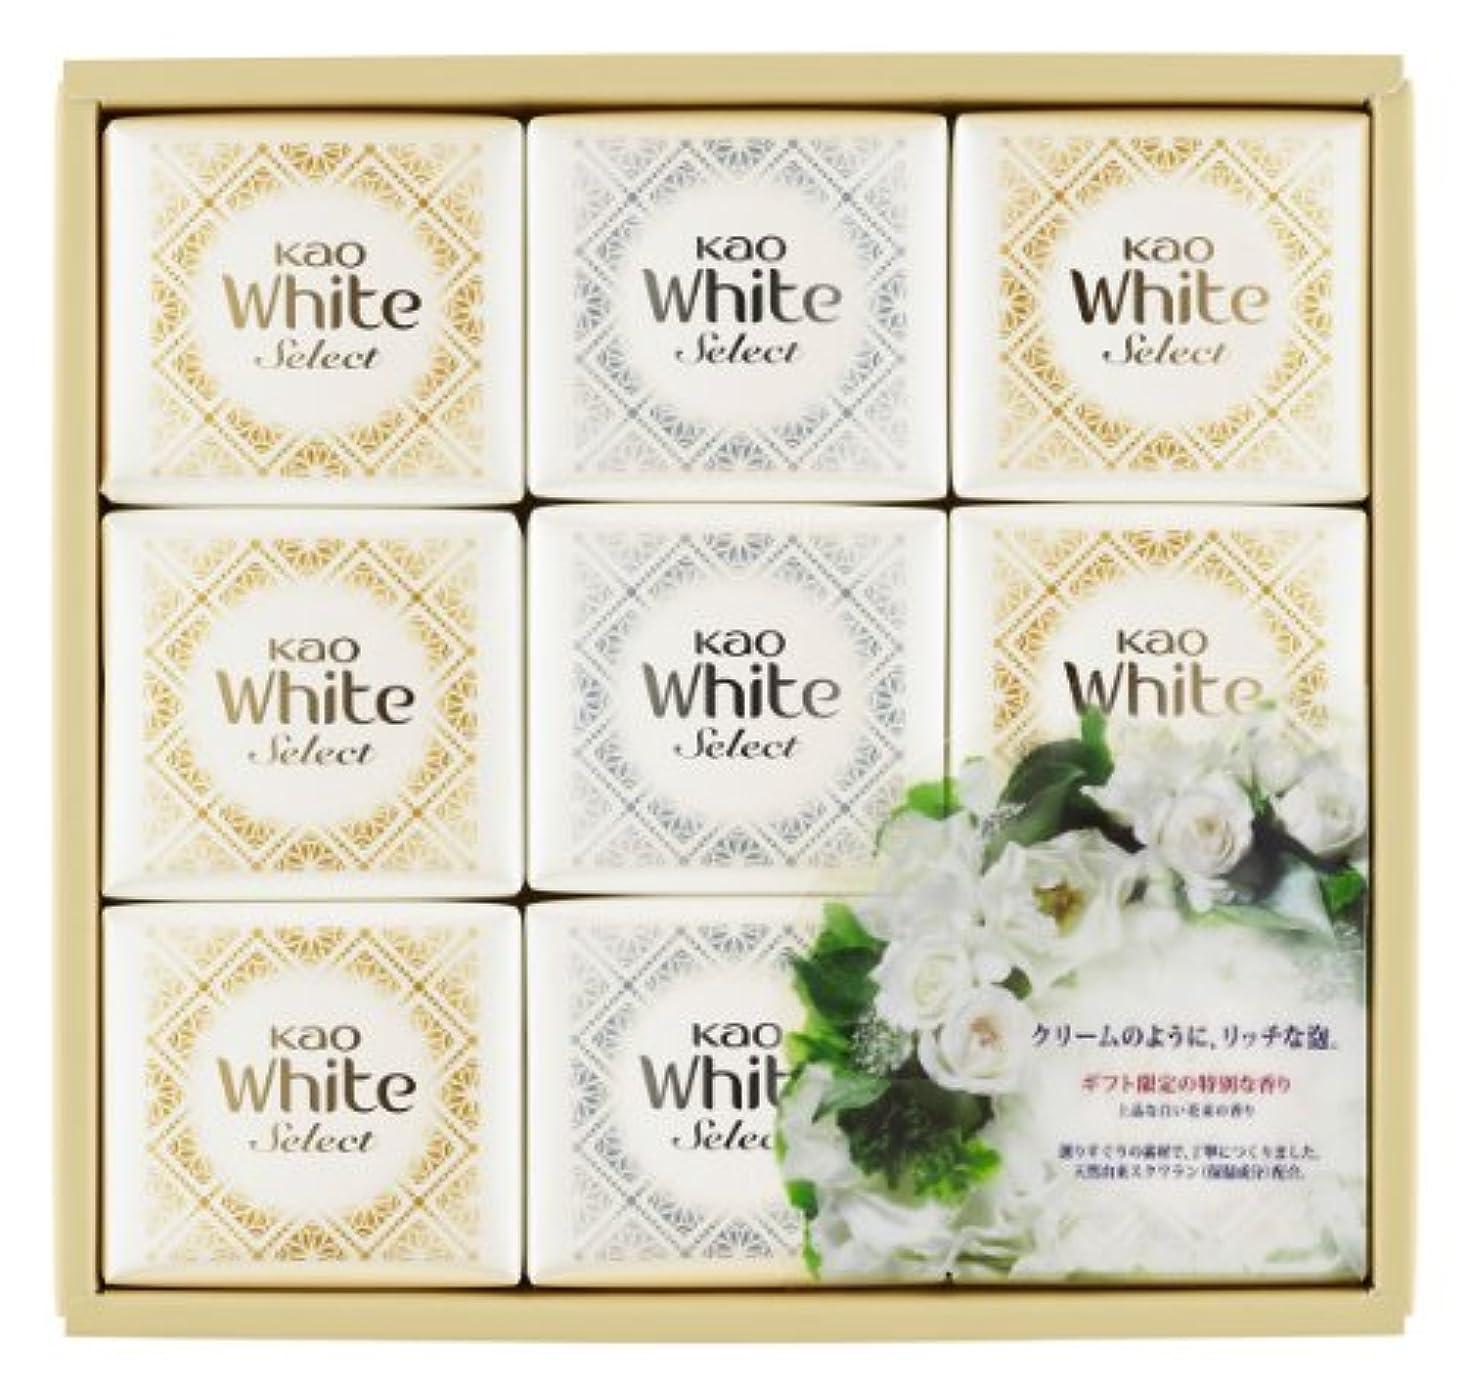 主導権展開するベアリングサークル花王ホワイト セレクト 上品な白い花束の香り 85g 9コ K?WS-15